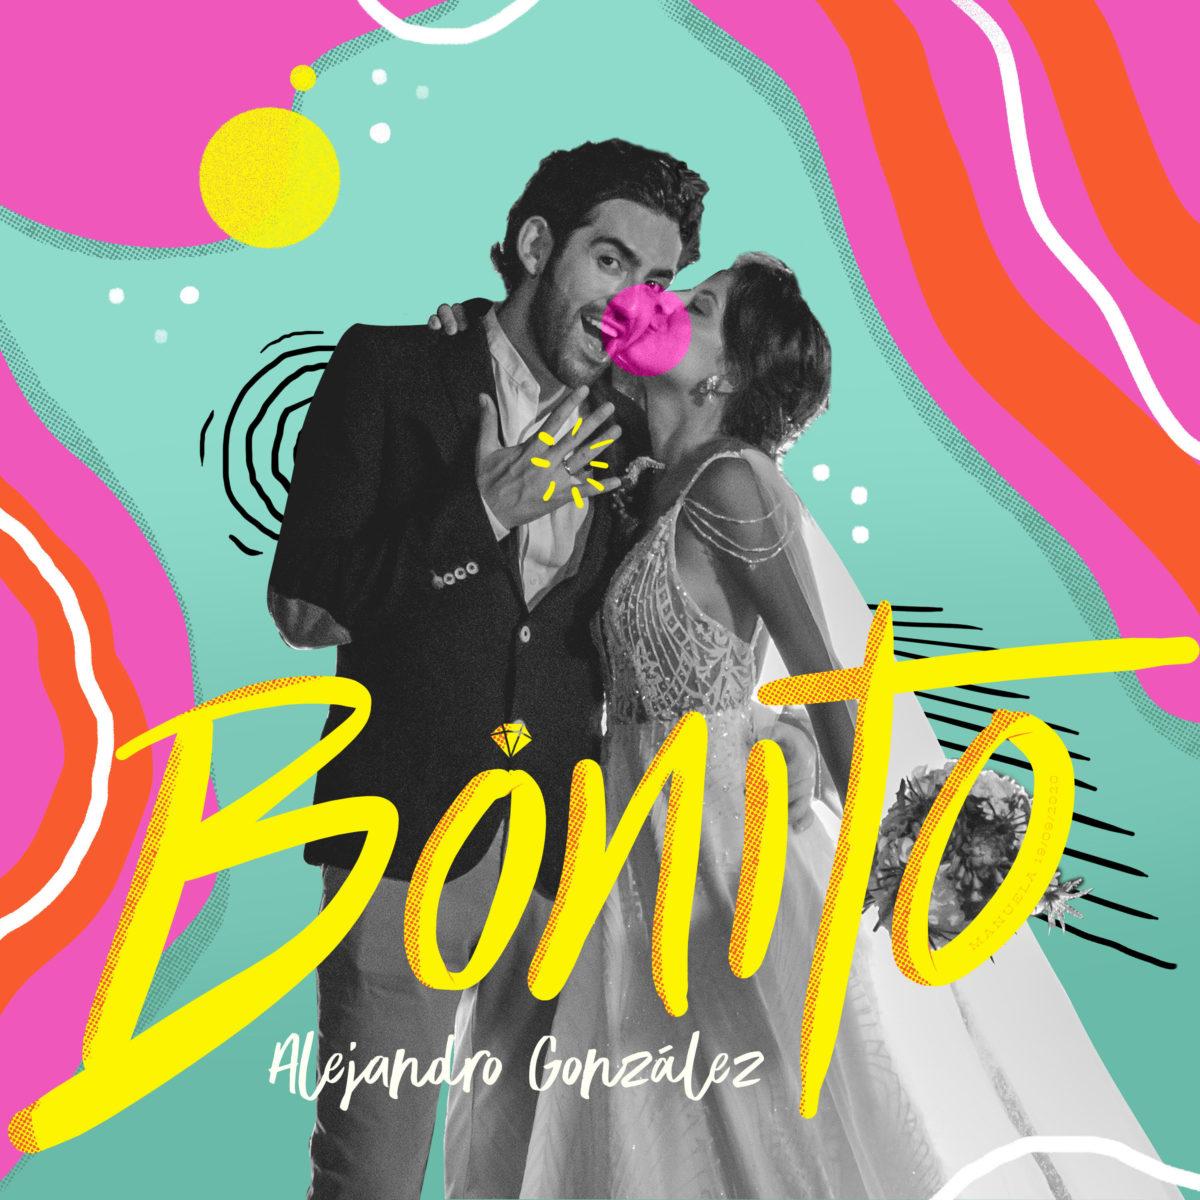 Alejandro González continúa contando su historia de amor a través del sencillo 'Bonito'